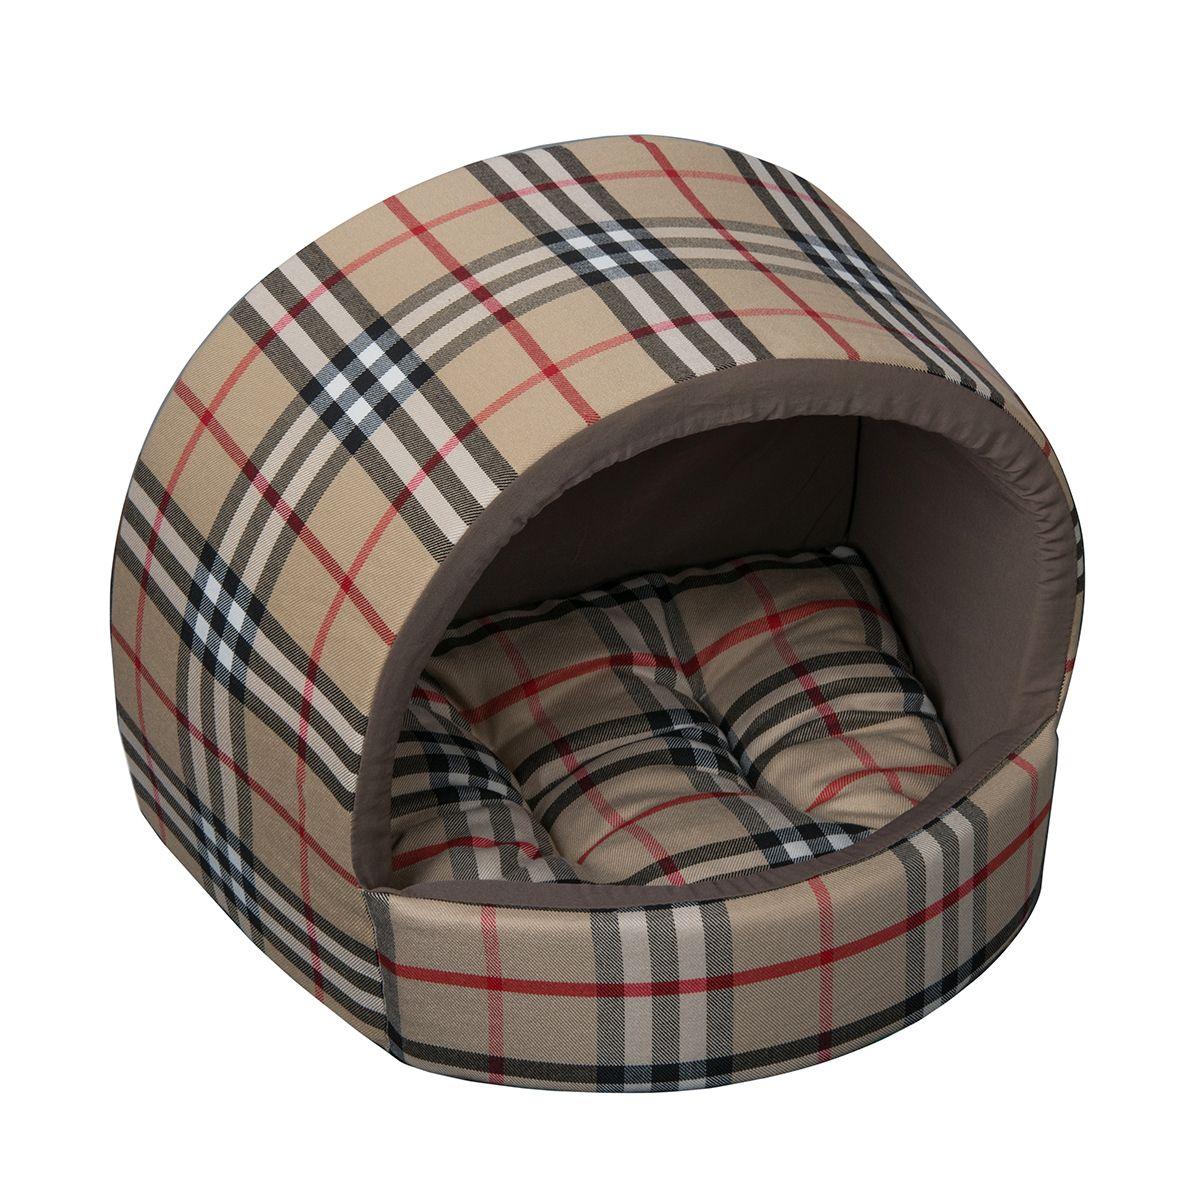 Домик Dogmoda В клетку 34*30*28 см0120710Уютный домик для животных актуальной расцветки клетка, сдержанный и практичный.